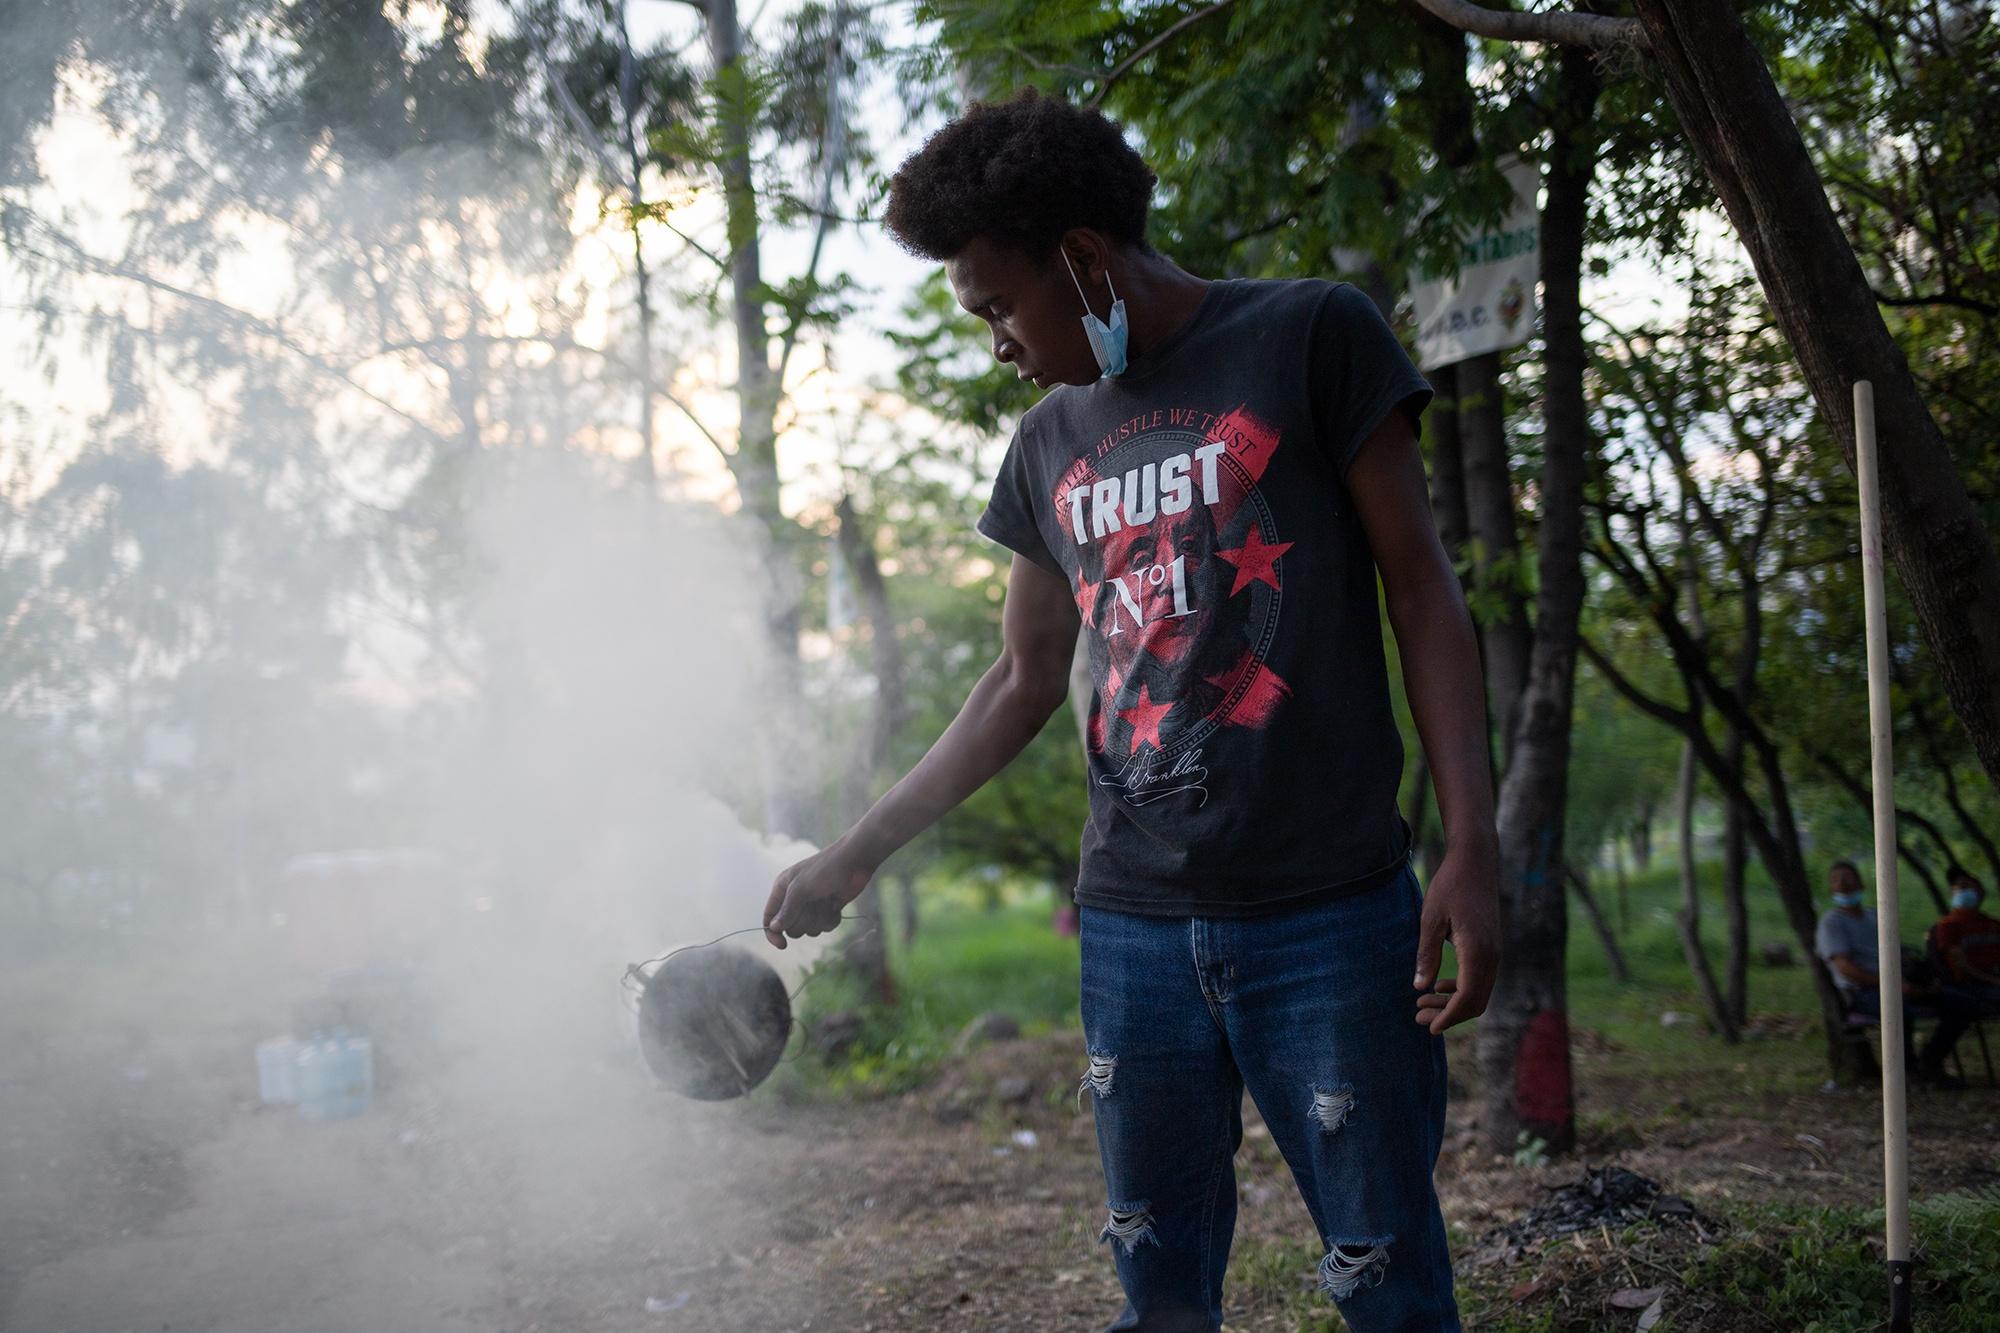 Un joven garífuna de la Organización Fraternal Negra de Honduras, quema incienso en el Campamento Feminista Viva Berta. Tegucigalpa, 18 de mayo de 2021. Foto: Martín Cálix.